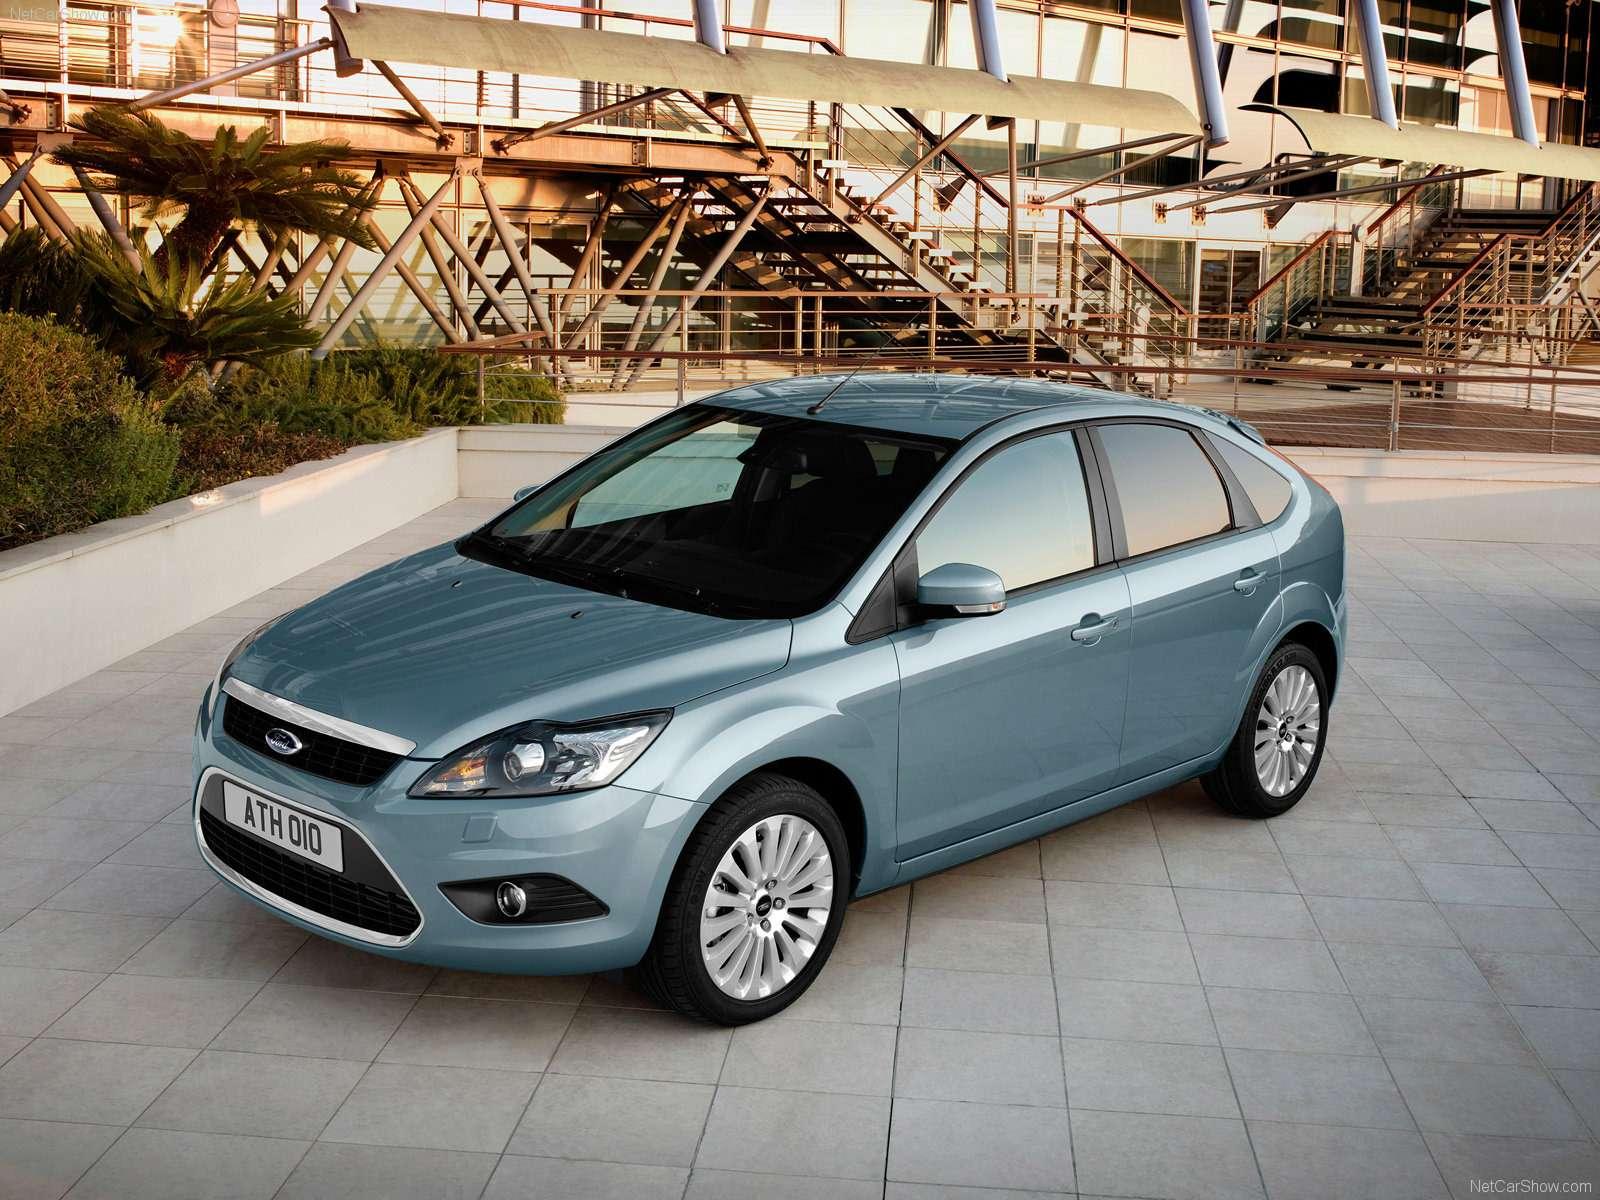 Ford-Focus_European_Version_2008_1600x1200_wallpaper_05